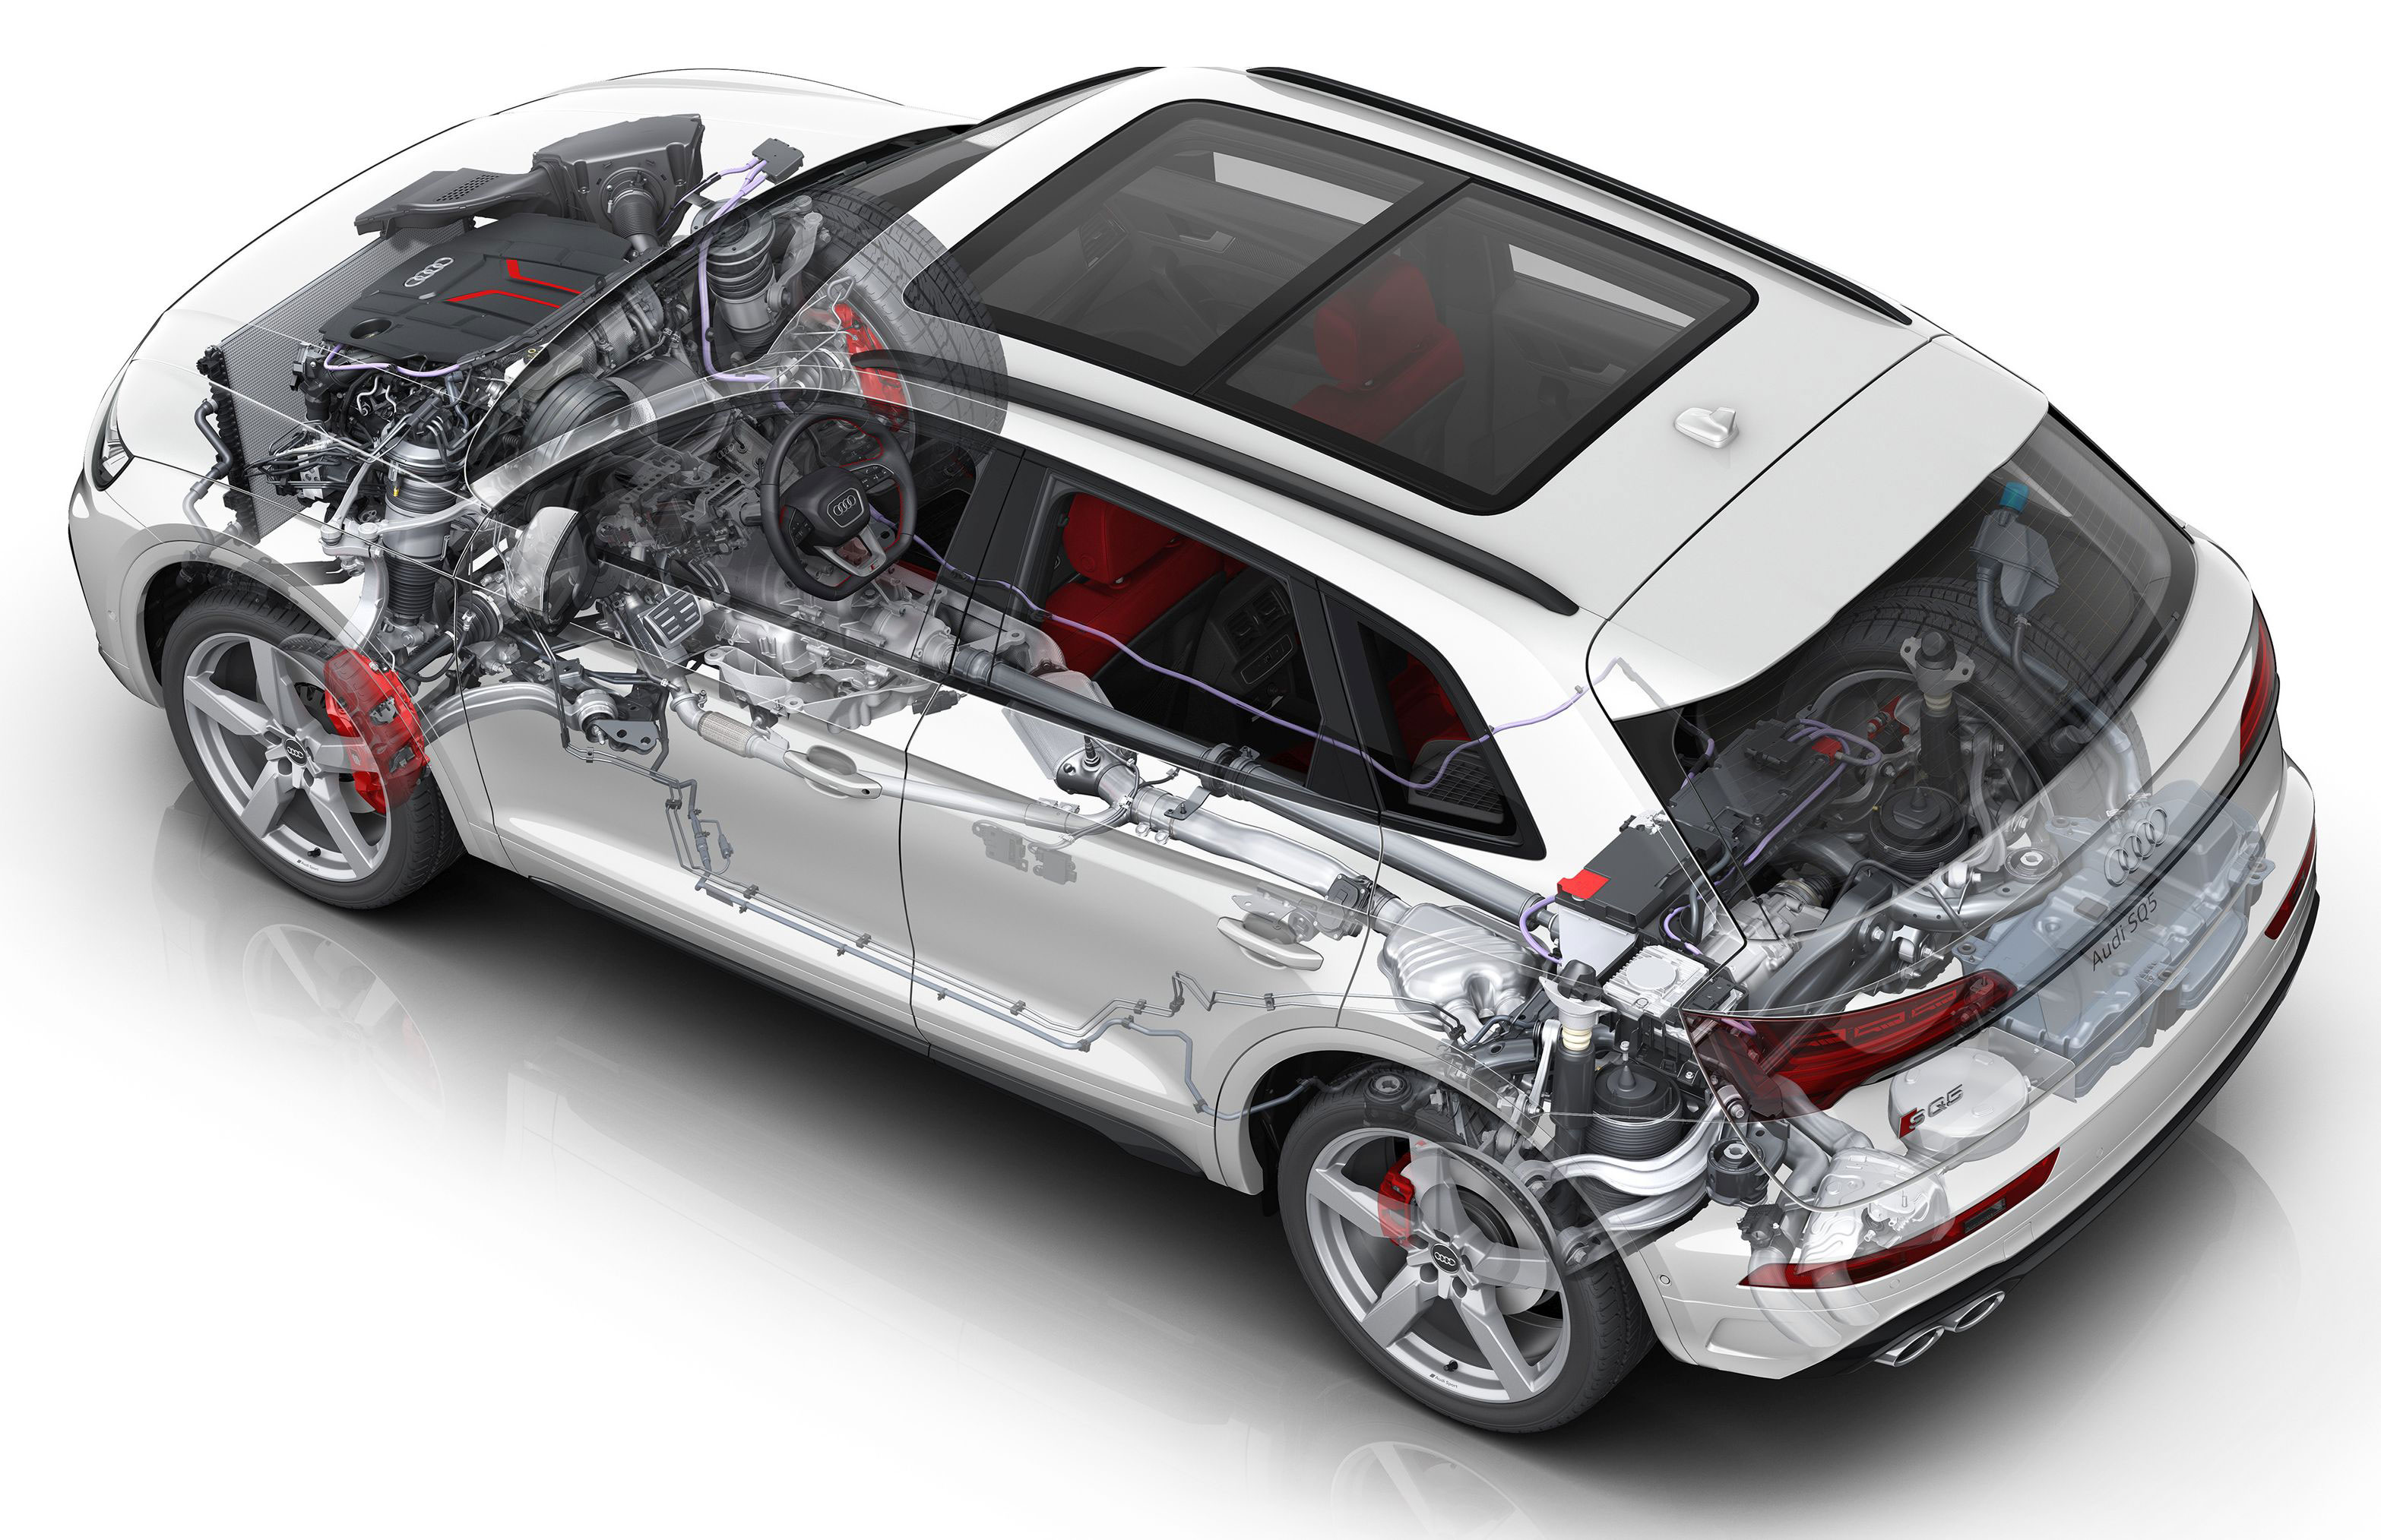 Audi SQ5 TDI cutaway drawing